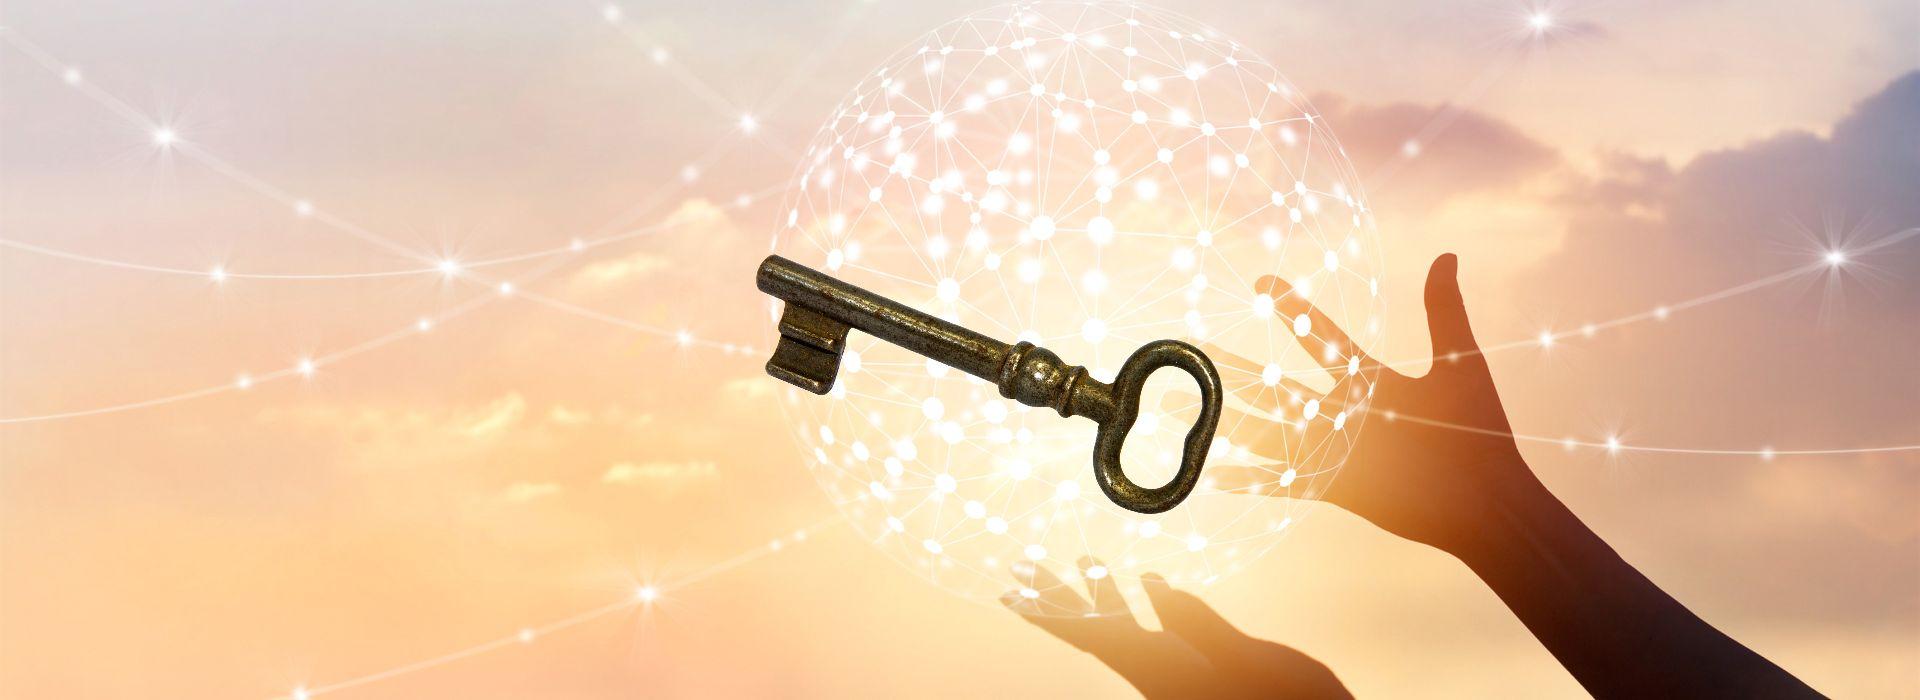 Mut ist der Schlüssel_1_1920x700